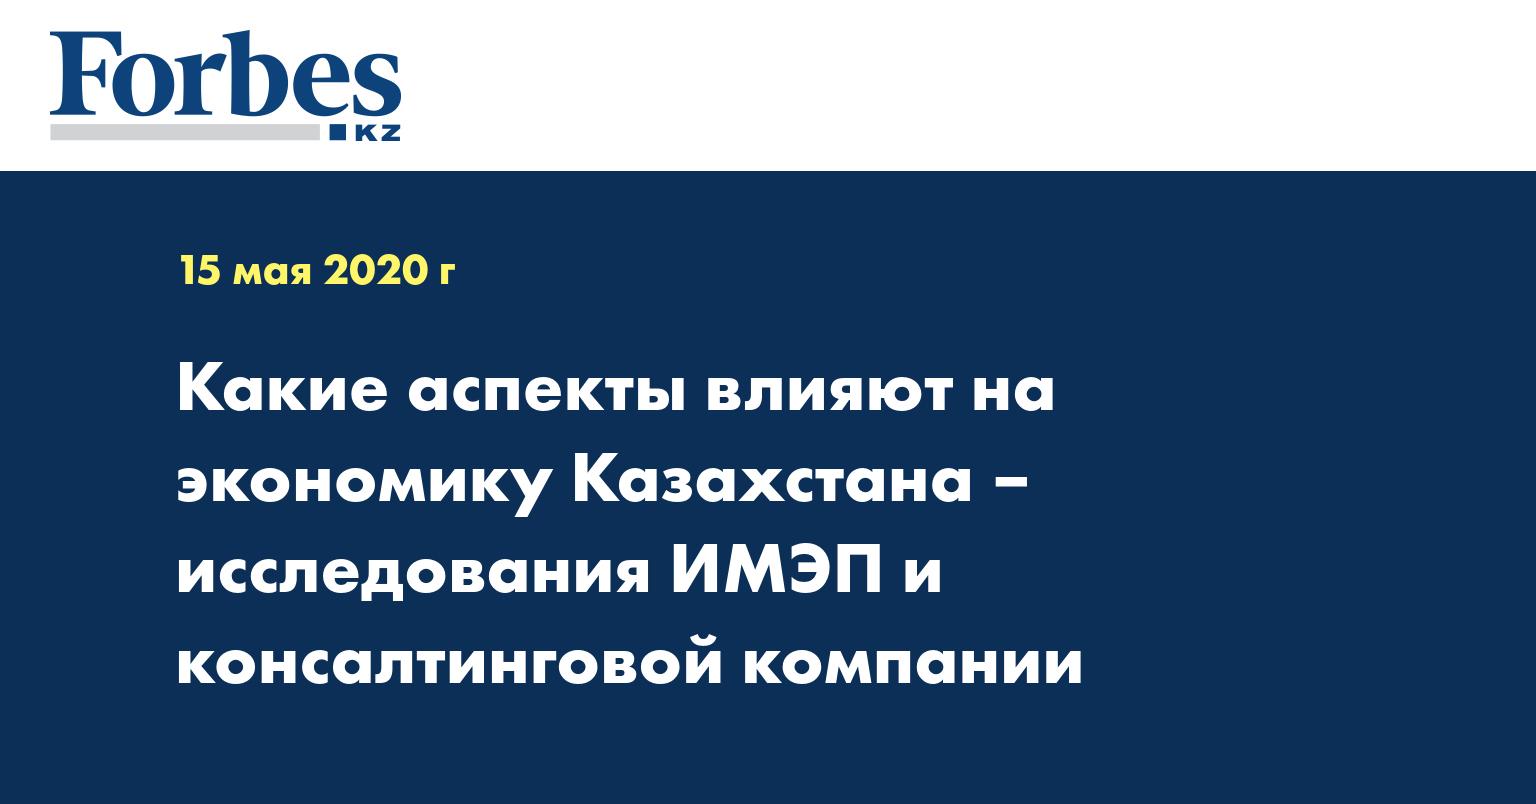 Какие аспекты влияют на экономику Казахстана – исследования ИМЭП и консалтинговой компании